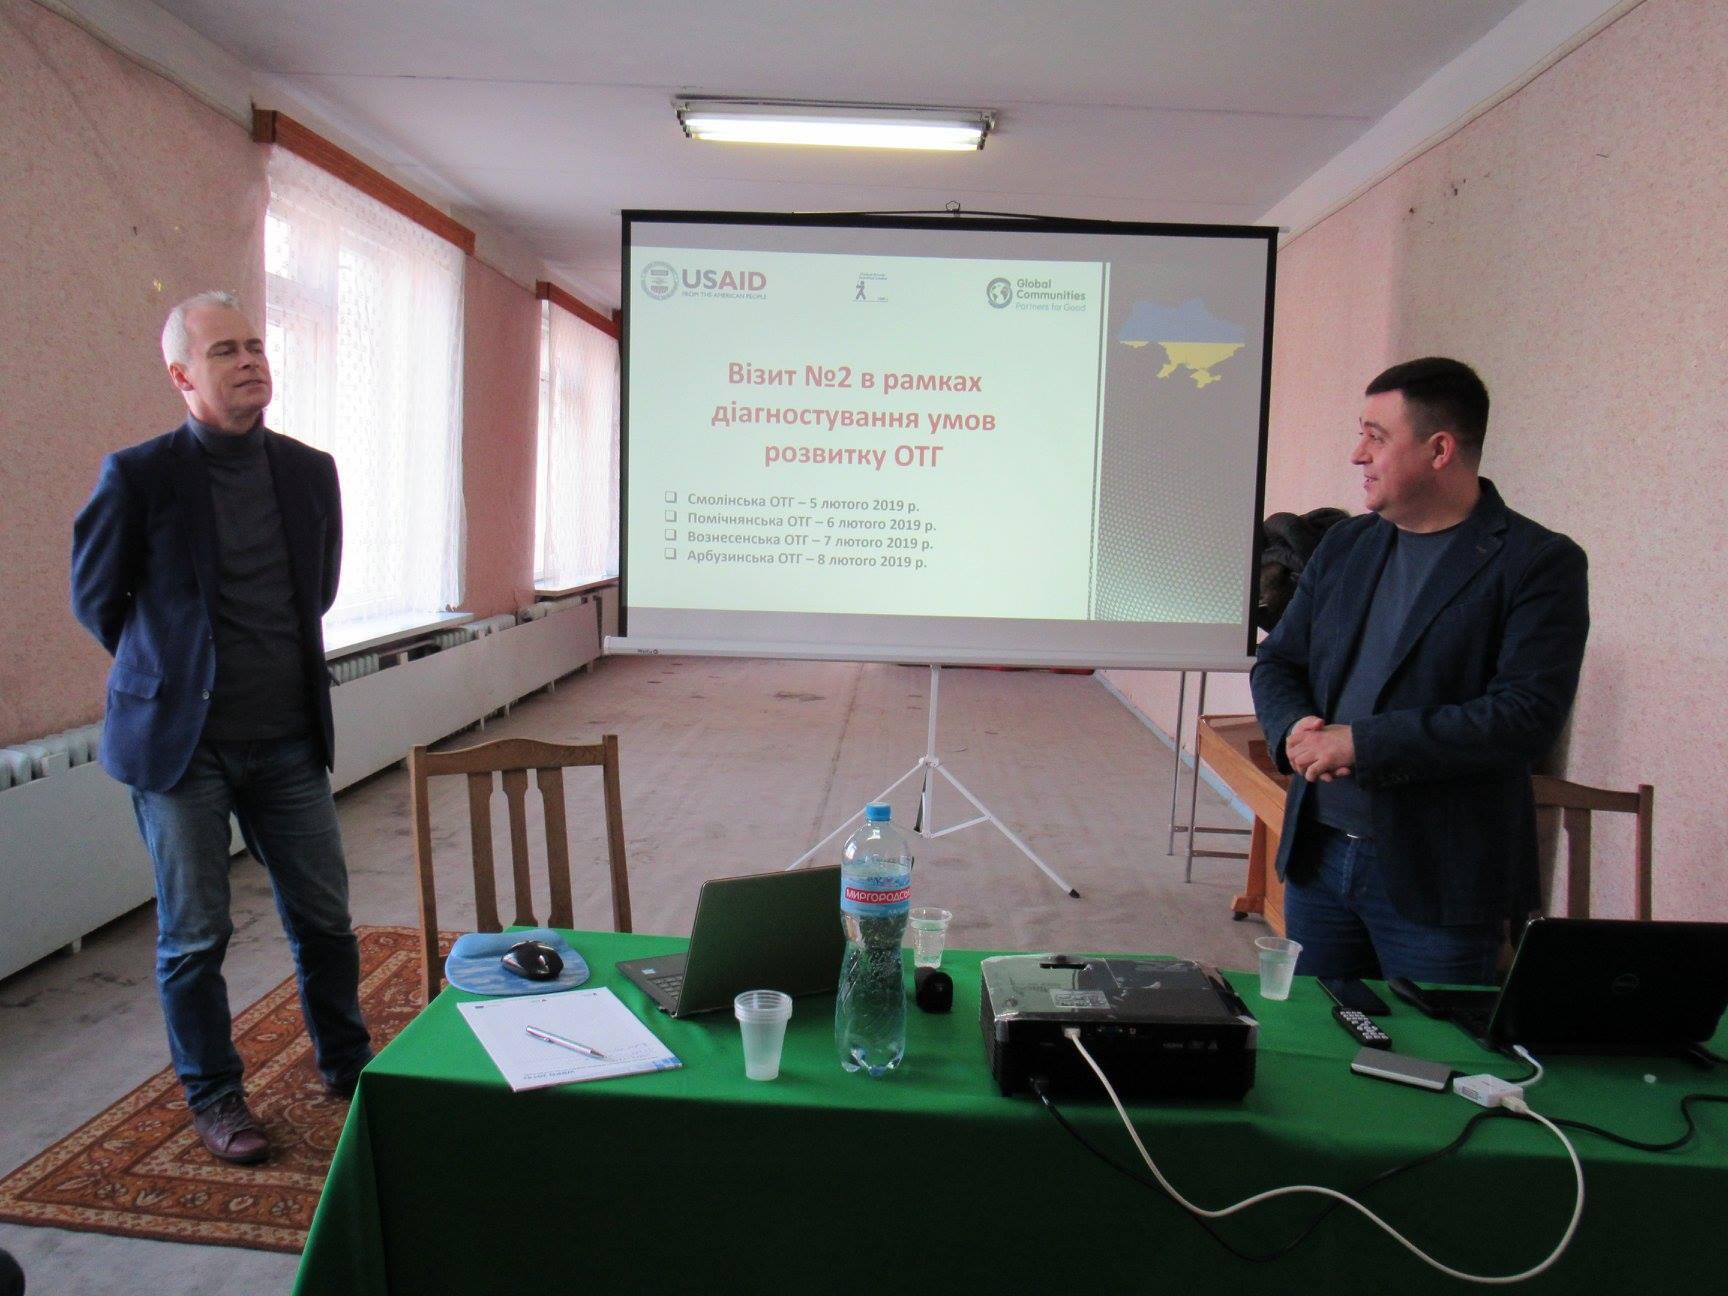 НаКіровоградщині польські експерти допомагають розбудовувати ОТГ (ФОТО)